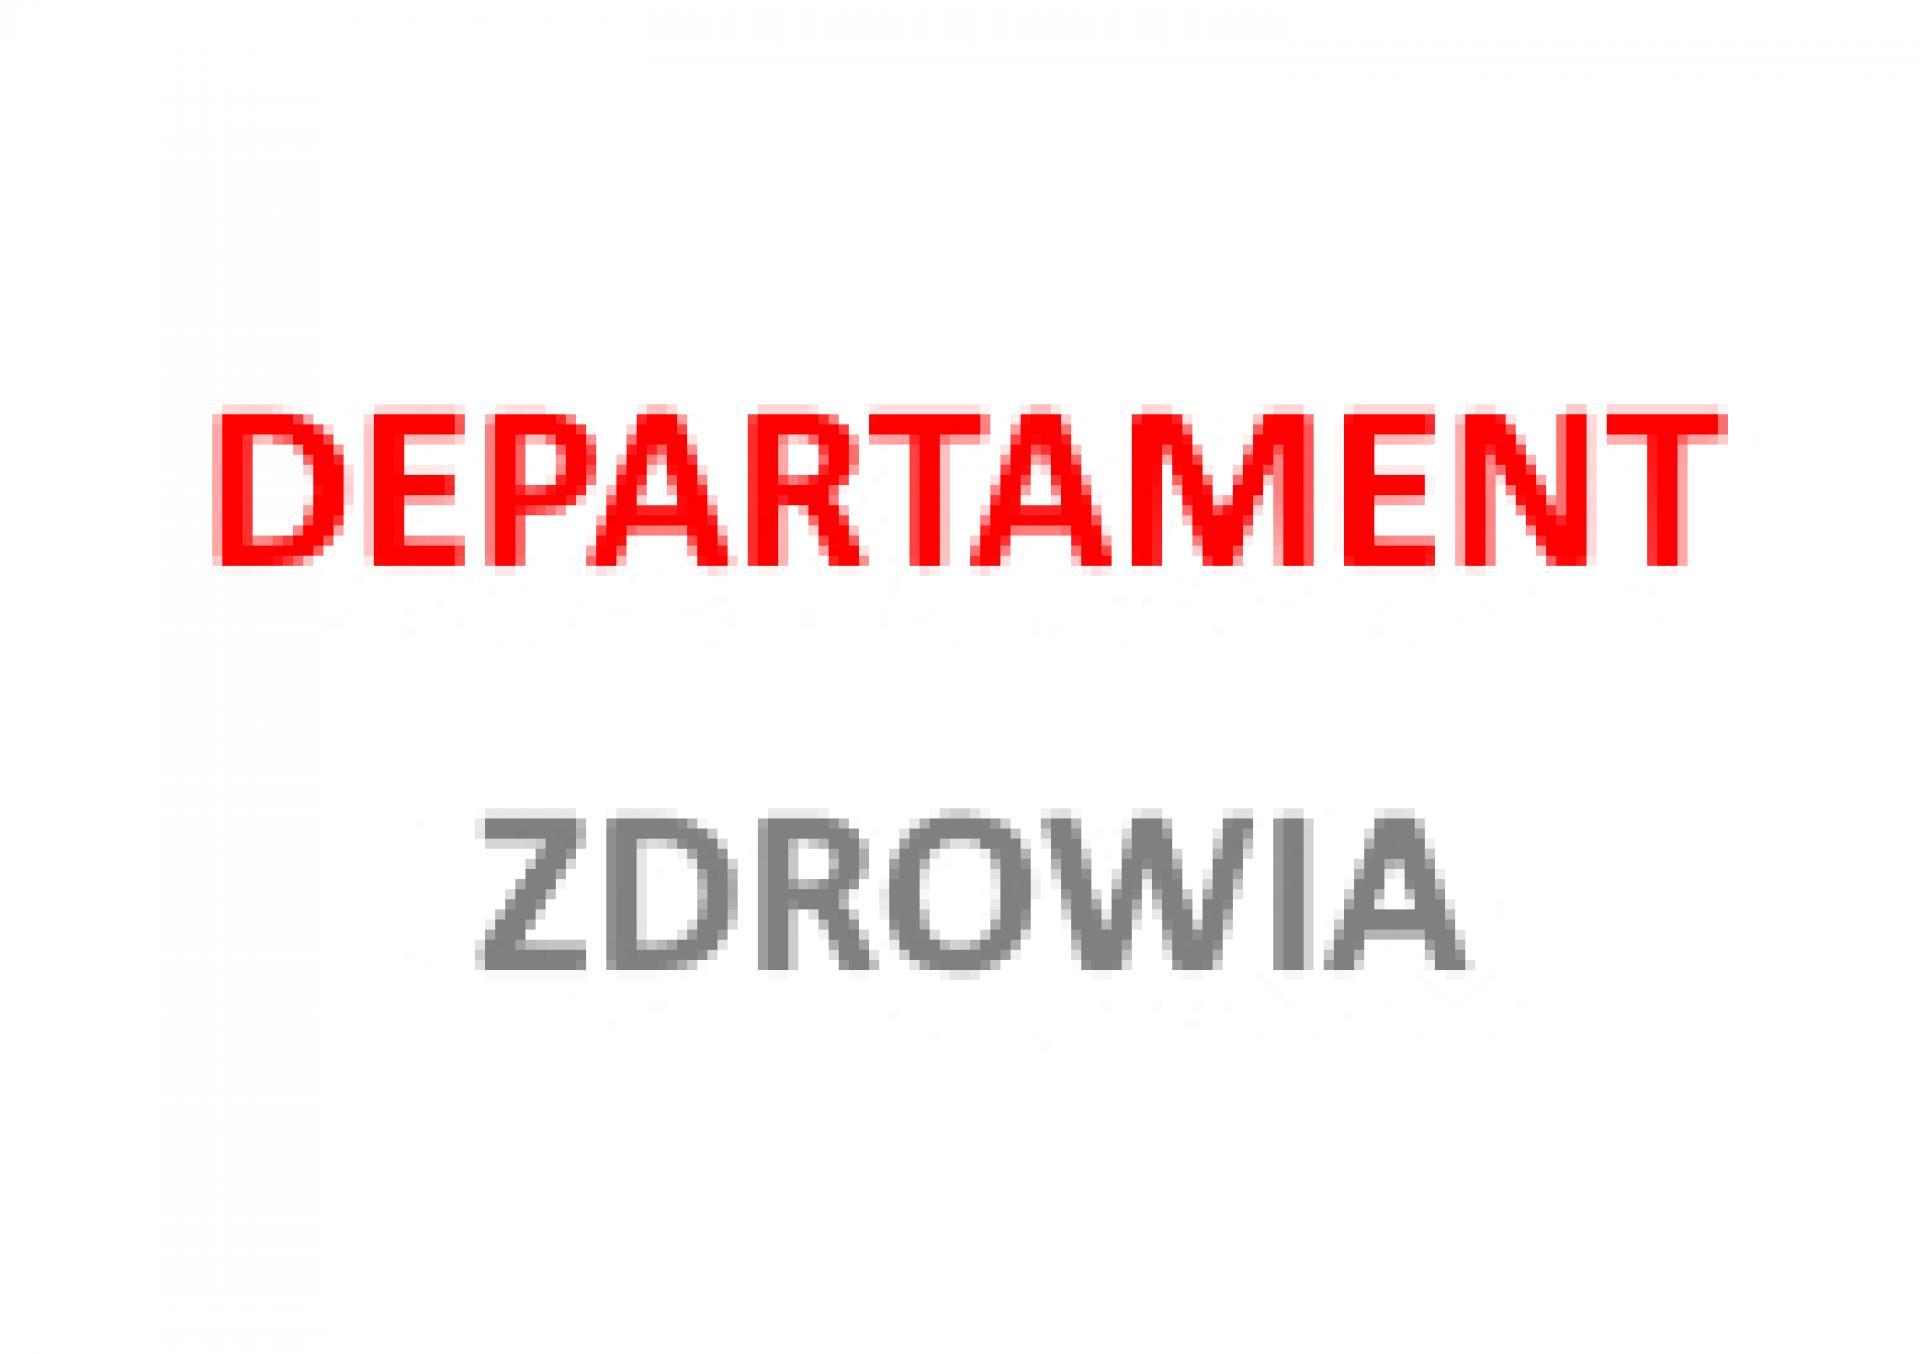 Zawiadomienie dotyczące prac nad projektem uchwały Sejmiku Województwa Wielkopolskiego zmieniającej uchwałę w sprawie nadania statutu Wielkopolskiemu Centrum Pulmonologii i Torakochirurgii w Poznaniu - zobacz więcej